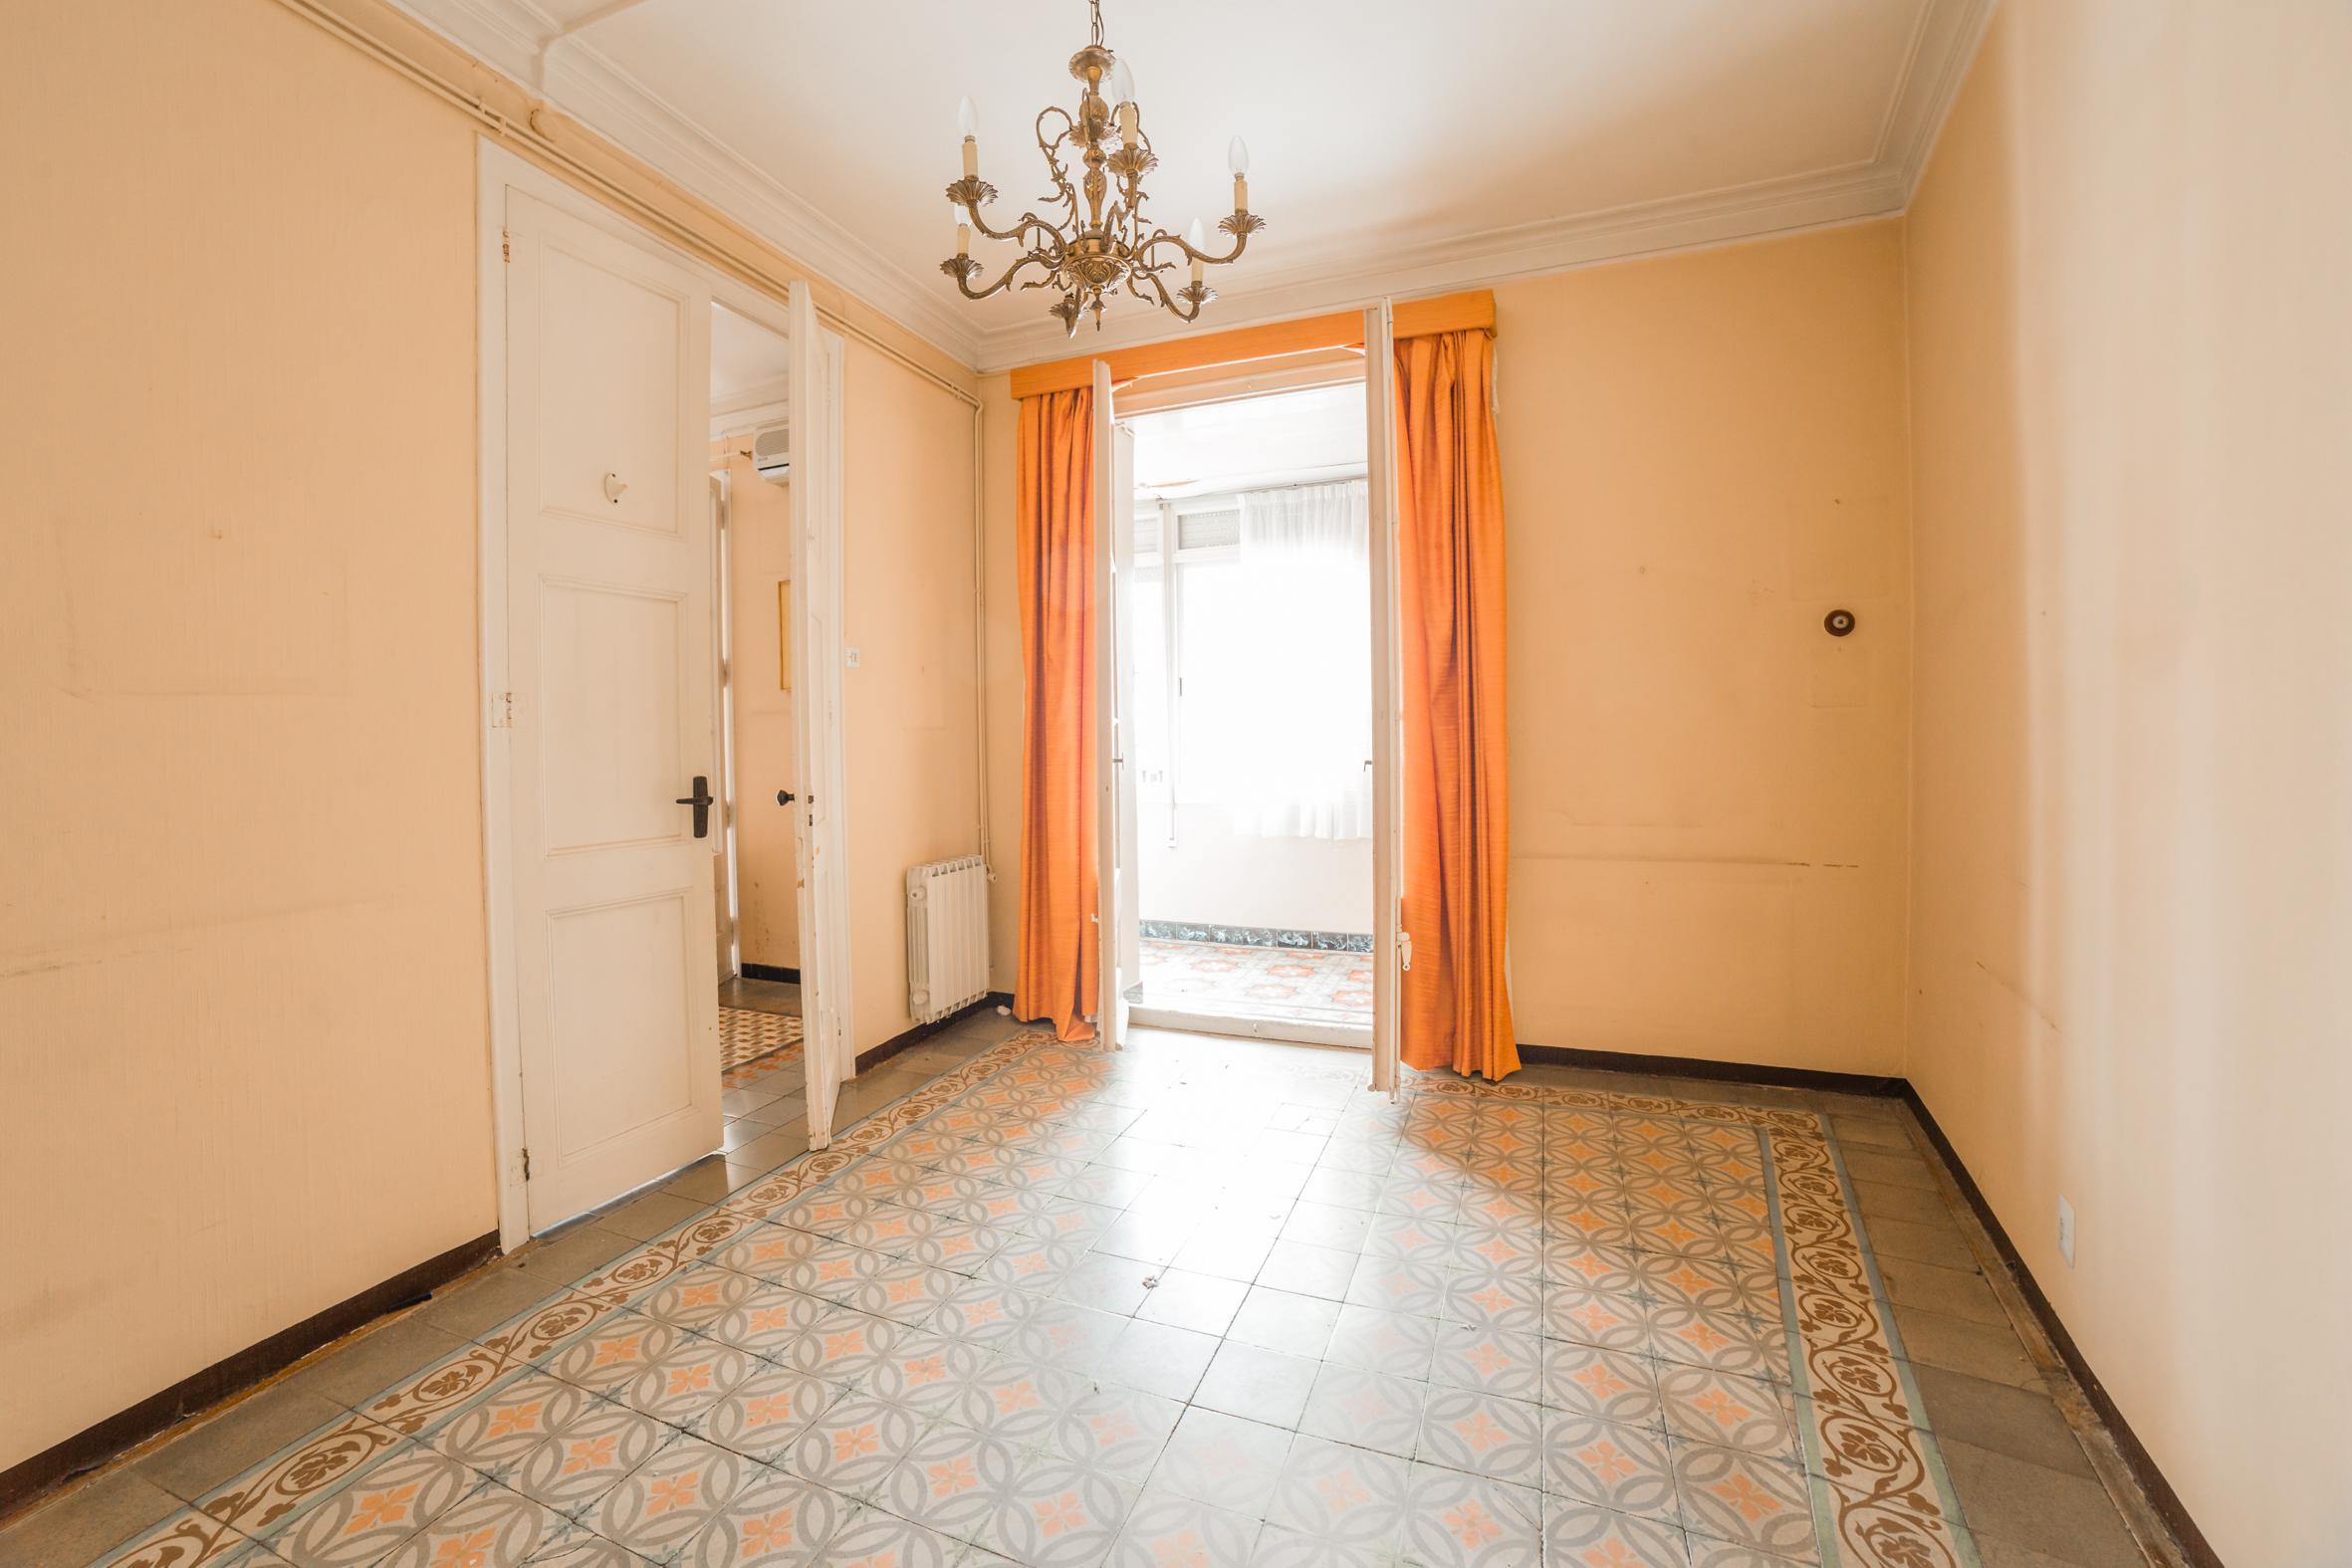 248664 Flat for sale in Eixample, Antiga Esquerre Eixample 1